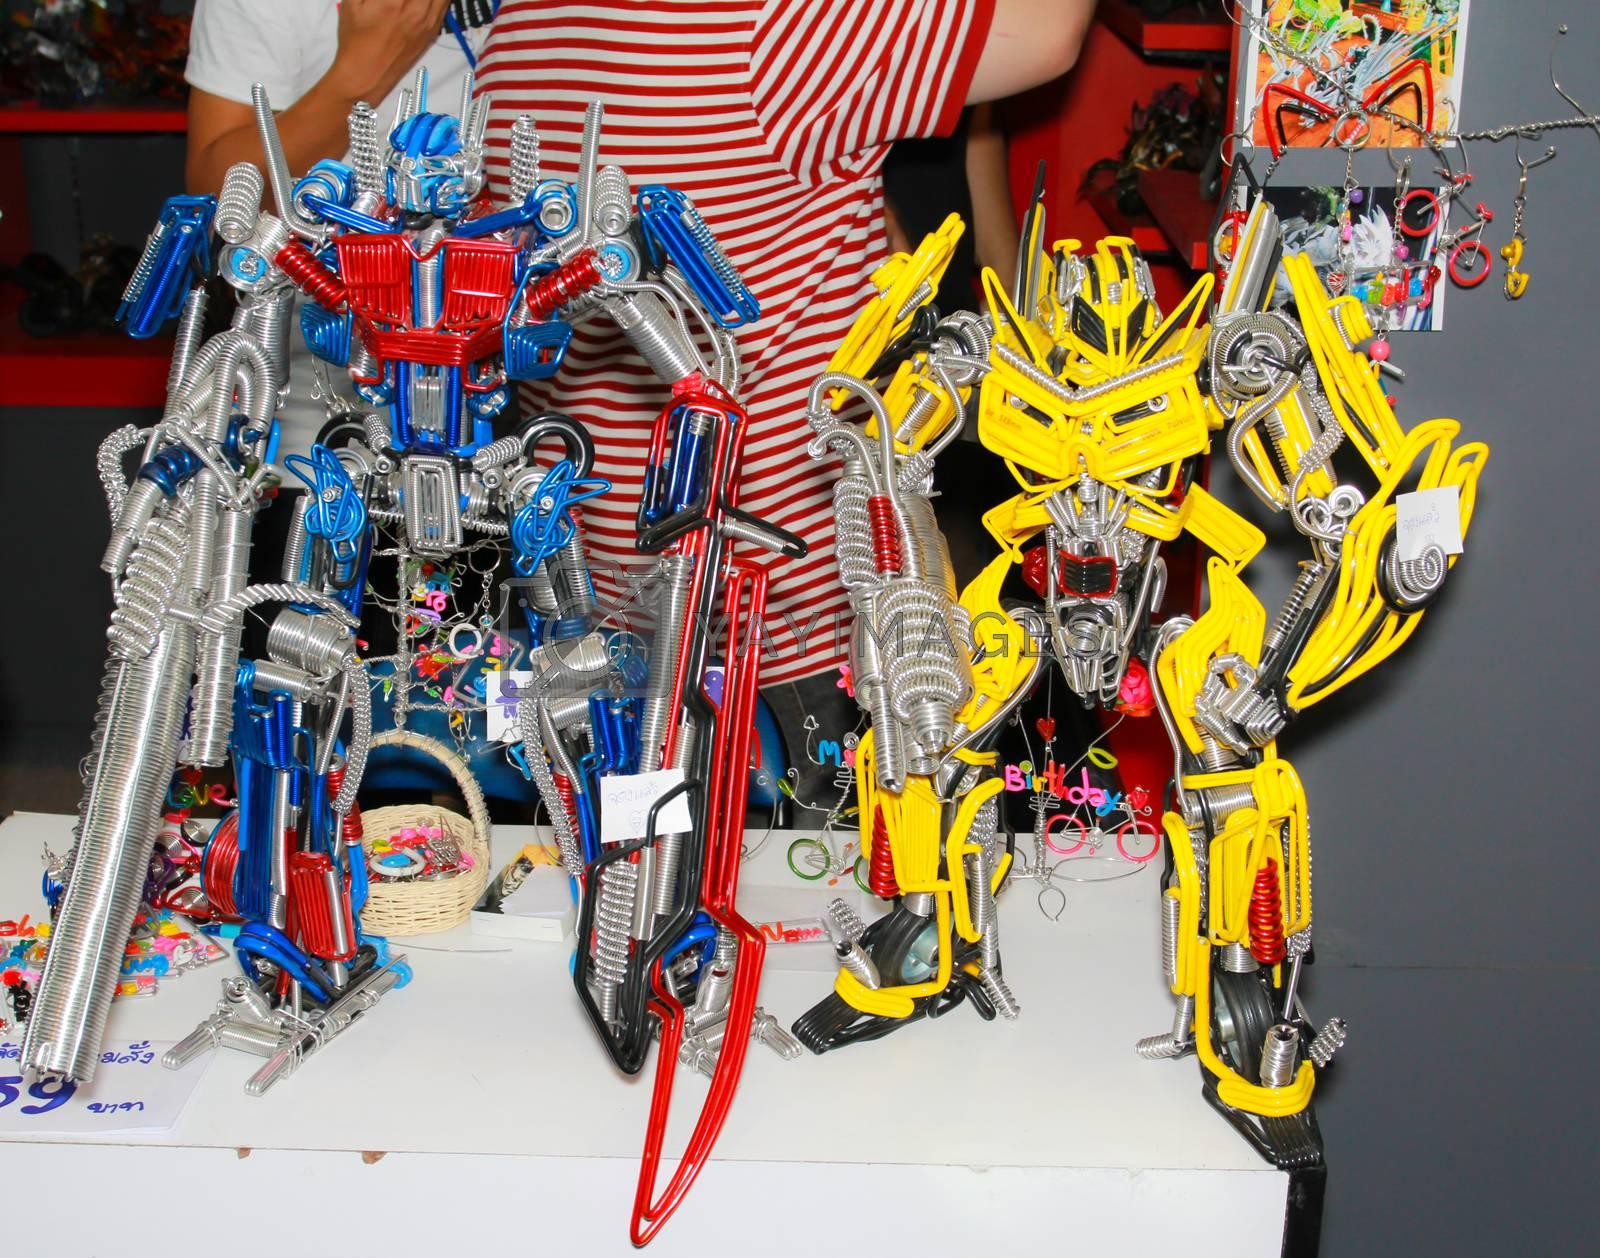 BANGKOK - MAY. 11: A Transfomer model in Thailand Comic Con 2014 on May 11, 2014 at Siam Paragon, Bangkok, Thailand.